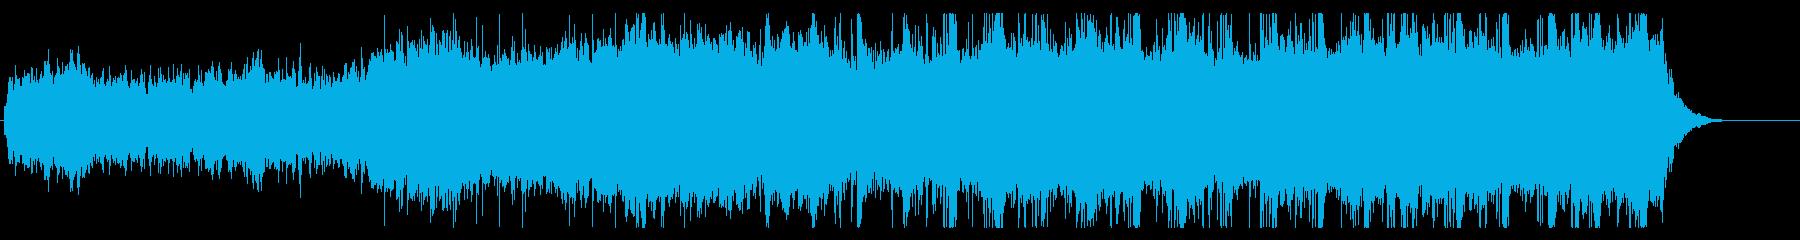 悲しくてミステリアス/ゲームミュージックの再生済みの波形